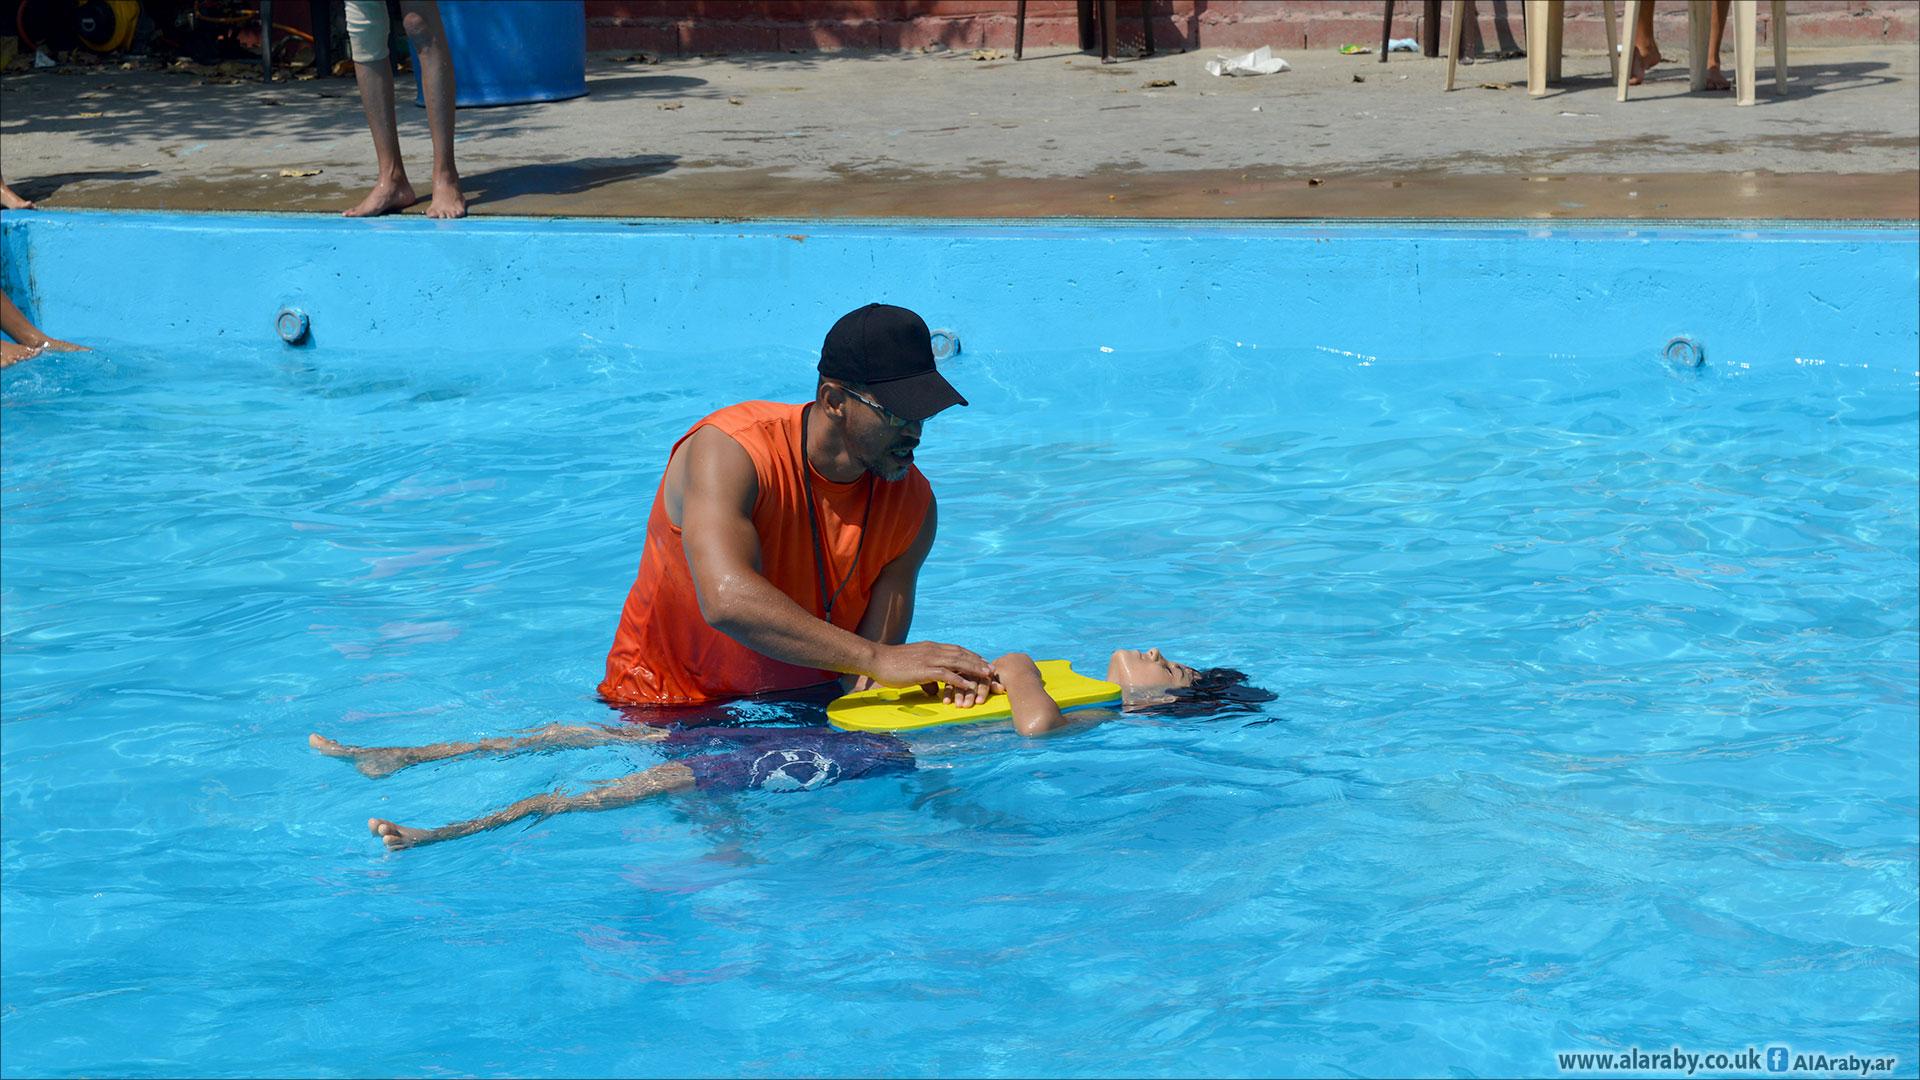 تدريب سباحة بمخيمات اللاجئين الفلسطينيين في لبنان 3 (العربي الجديد)